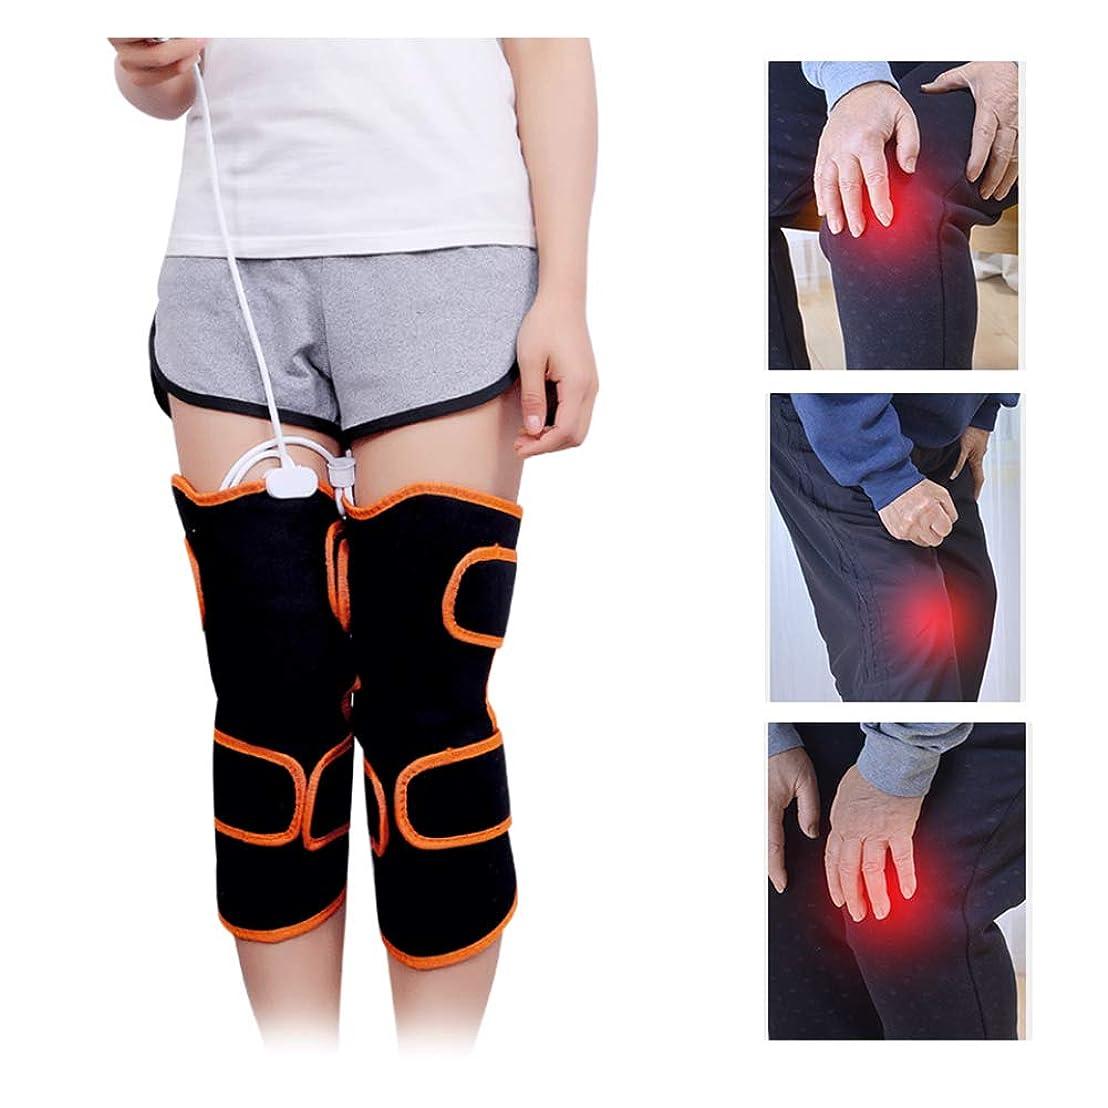 著作権フライカイト過度に9種類のマッサージモードと5種類の速度の膝温熱パッド付き加熱膝装具-膝の怪我、痛みを軽減するセラピーラップマッサージャー